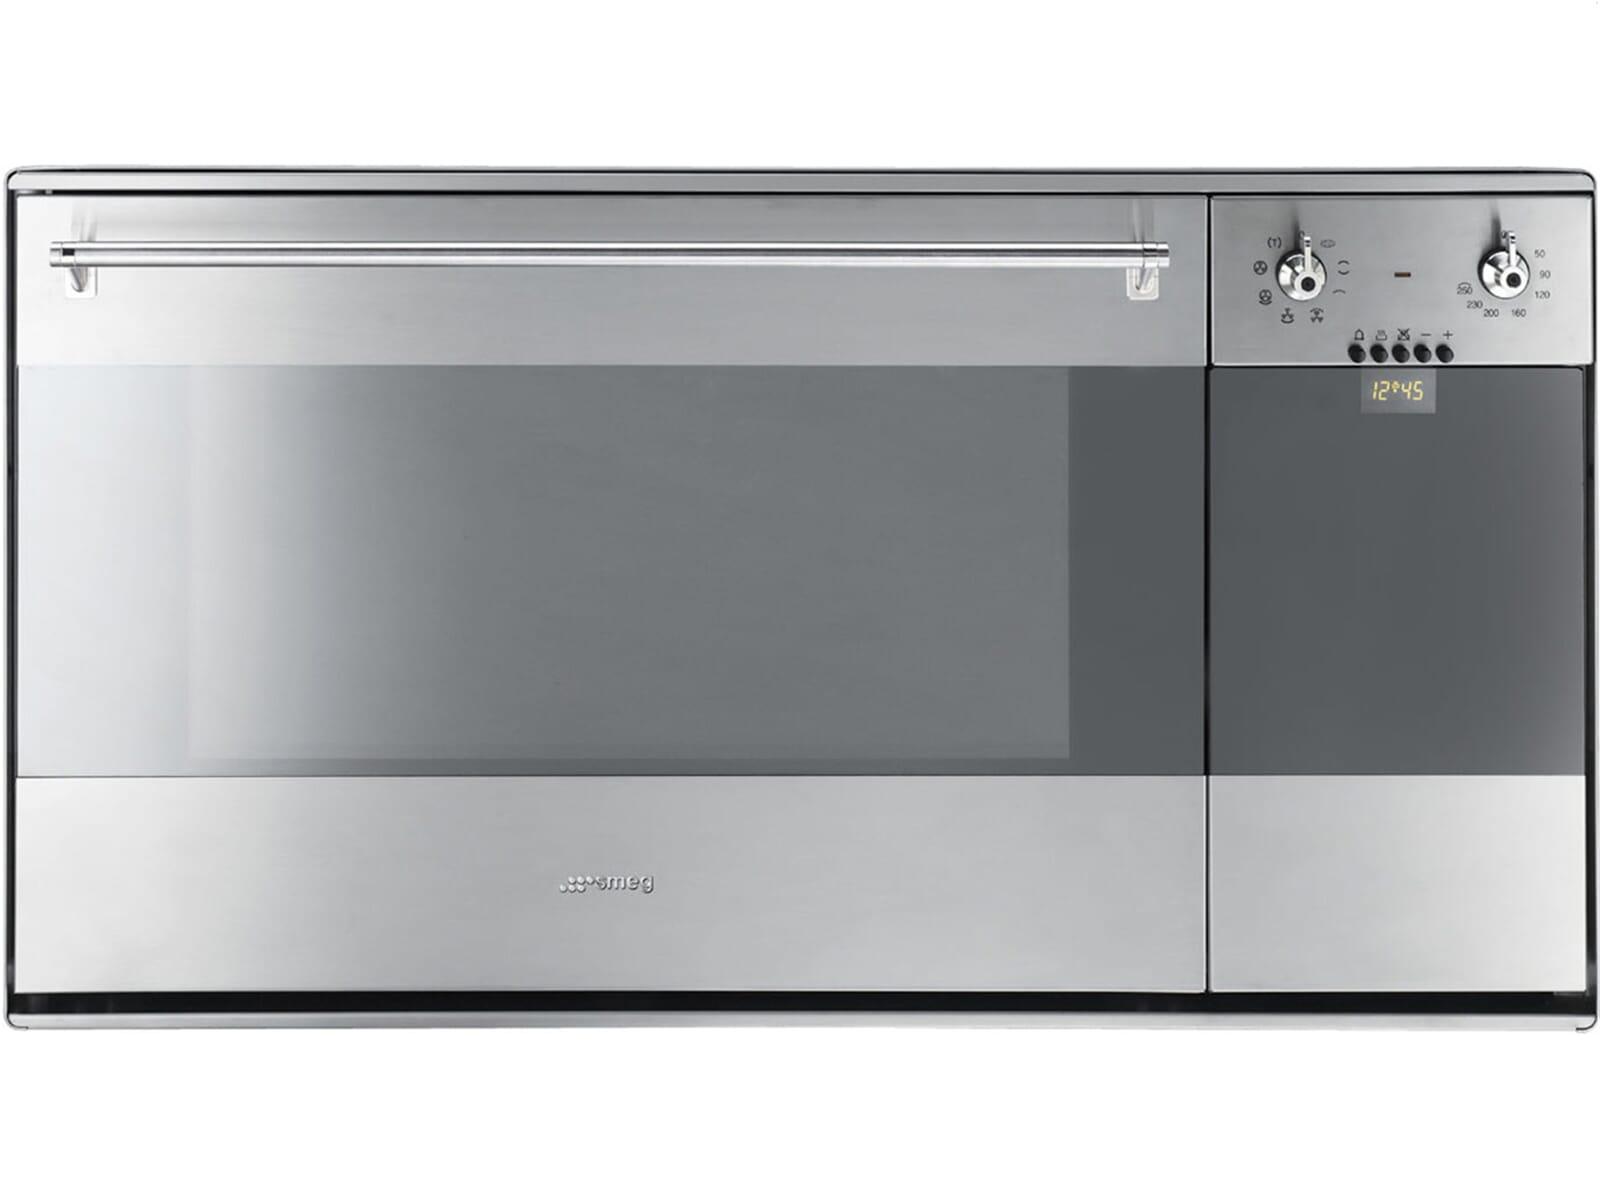 Smeg SE995XT-7 Backofen mit Toaster Edelstahl